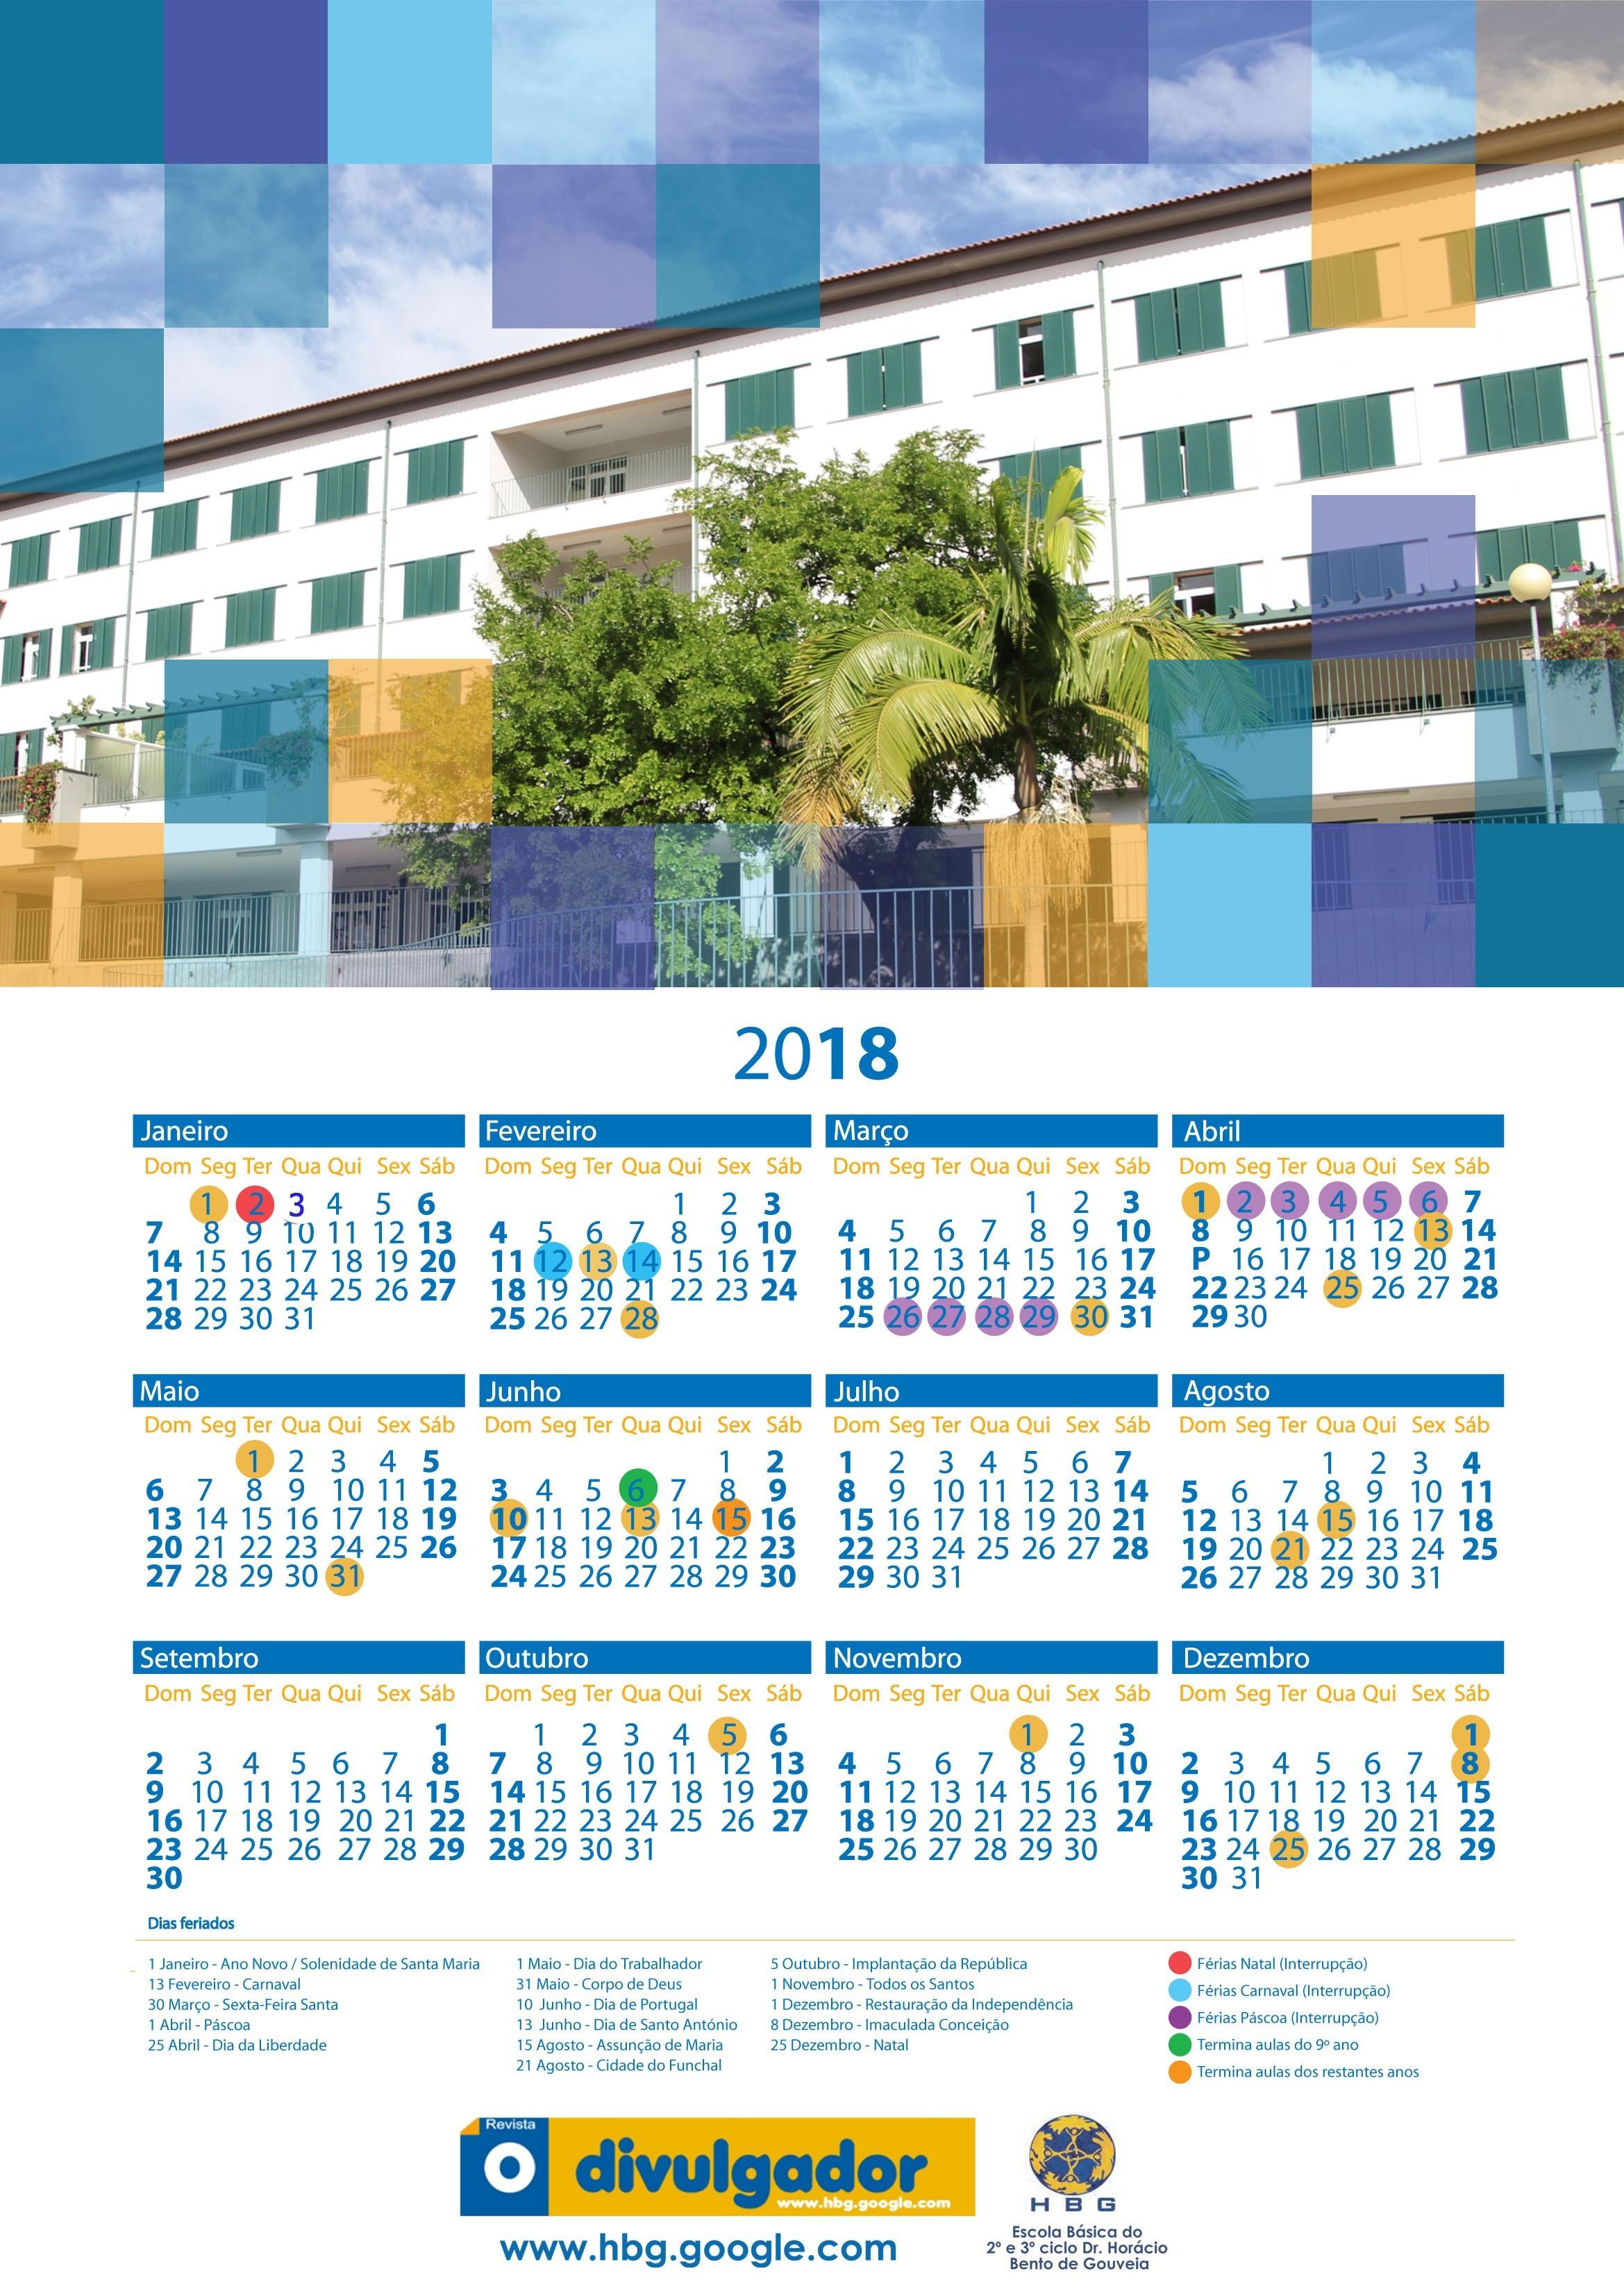 Calendario 2019 Con Festivos Pdf Más Arriba-a-fecha Calendrio Fevereiro De 2019 Lindo Para Imprimir Feriados E Of Calendario 2019 Con Festivos Pdf Más Arriba-a-fecha Calendario 2019 Lun Carabobo Newspictures